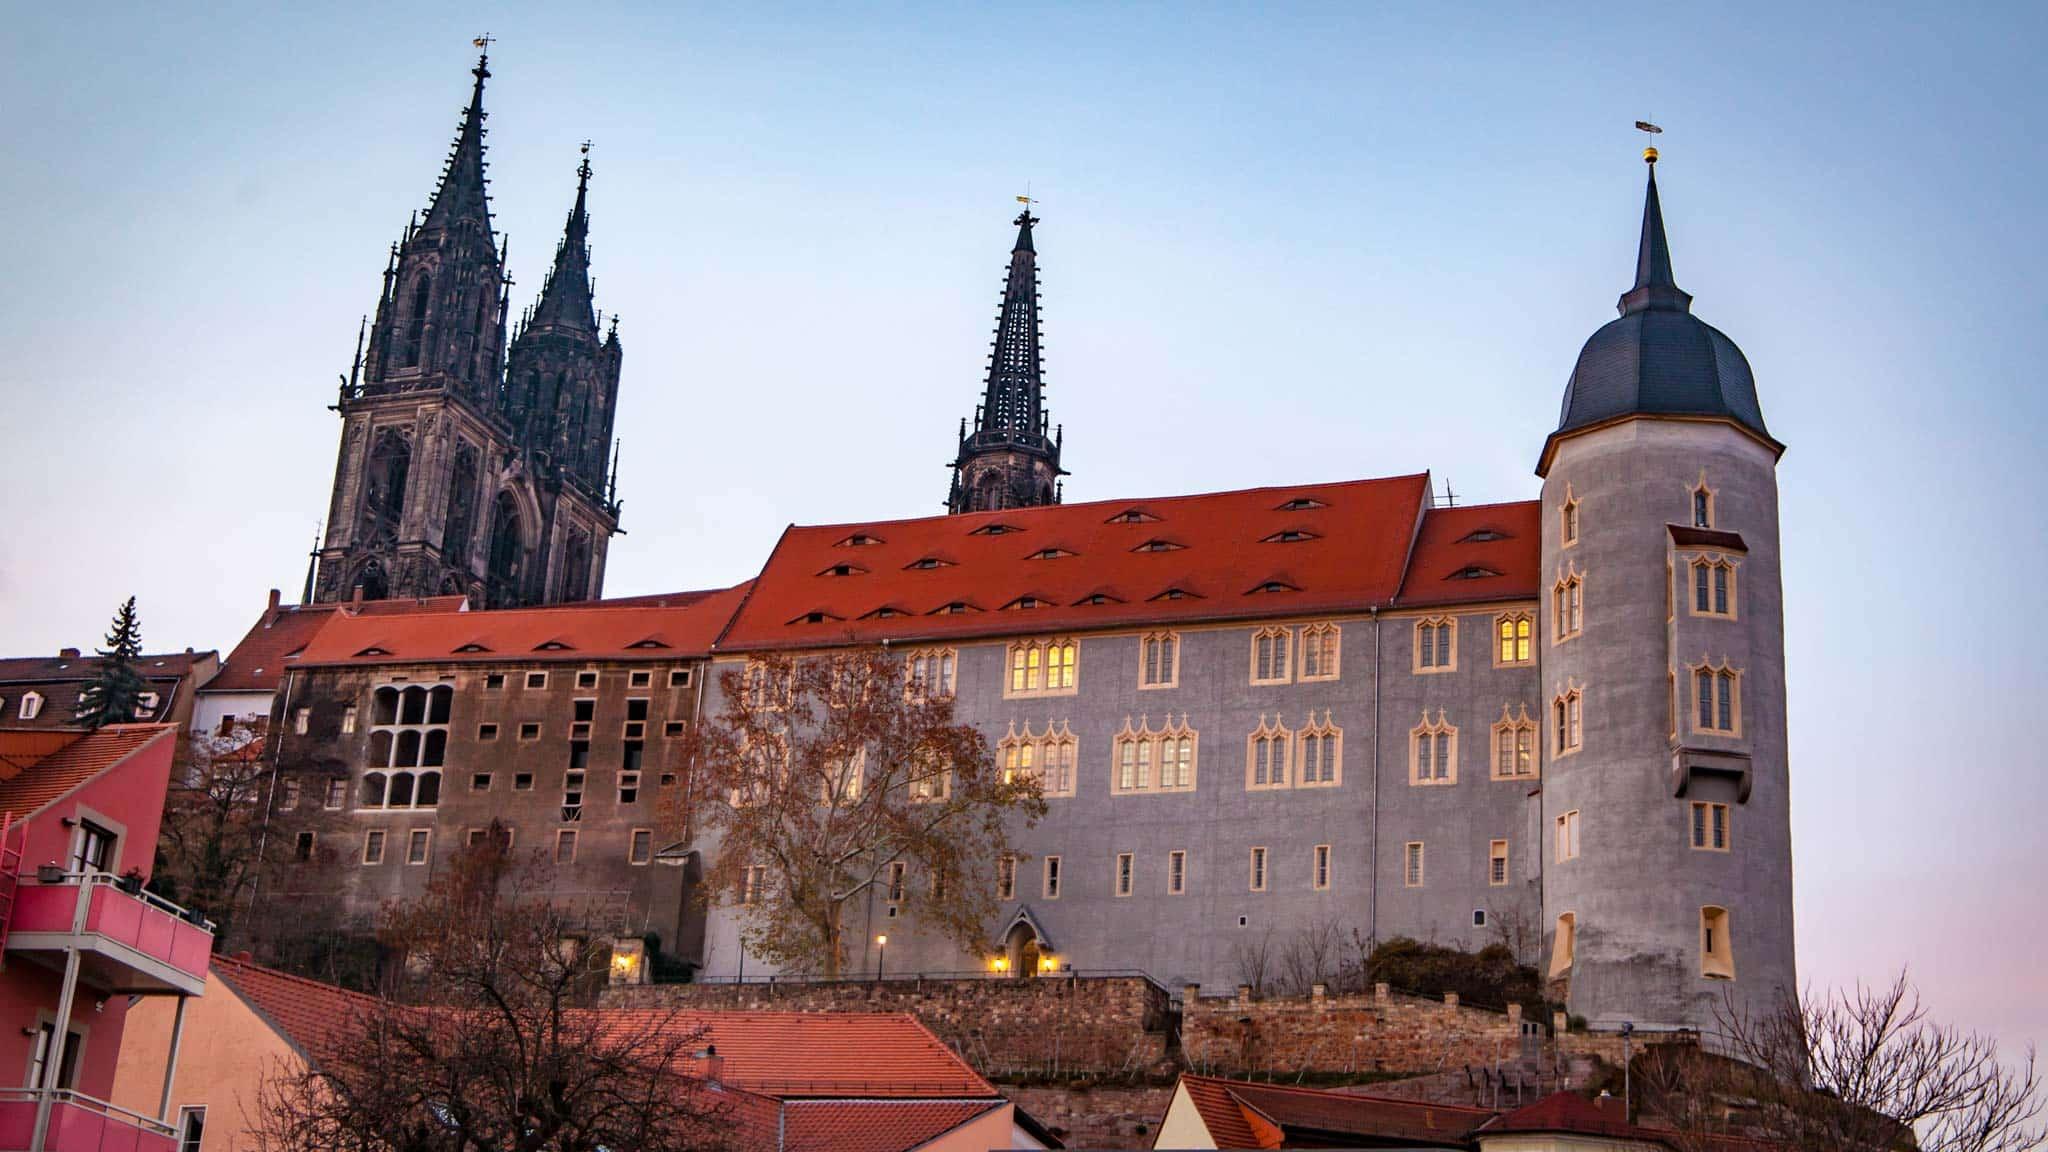 Meissen Albrechtsburg